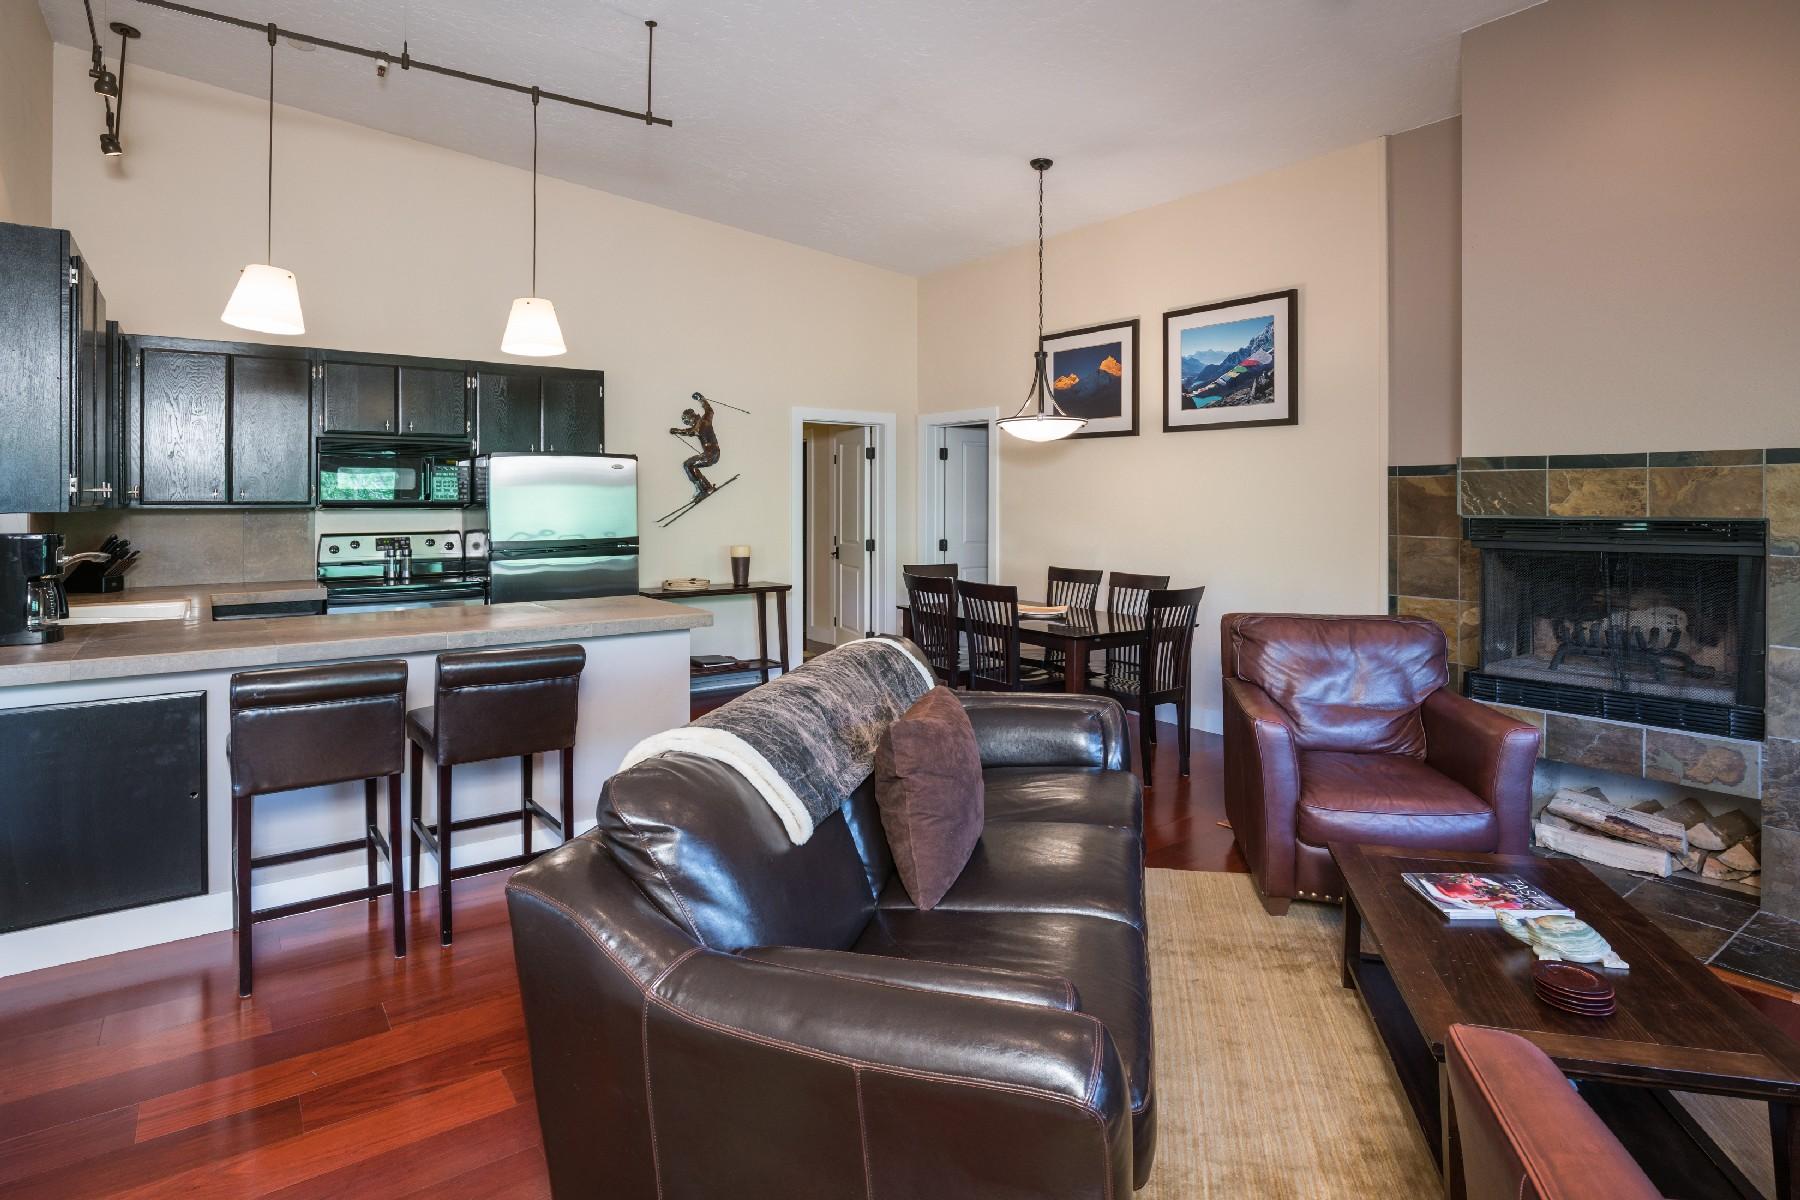 Condominio por un Venta en Move-In Ready Ketchum Condo 351 S 2nd Ave #612 Ketchum, Idaho, 83340 Estados Unidos